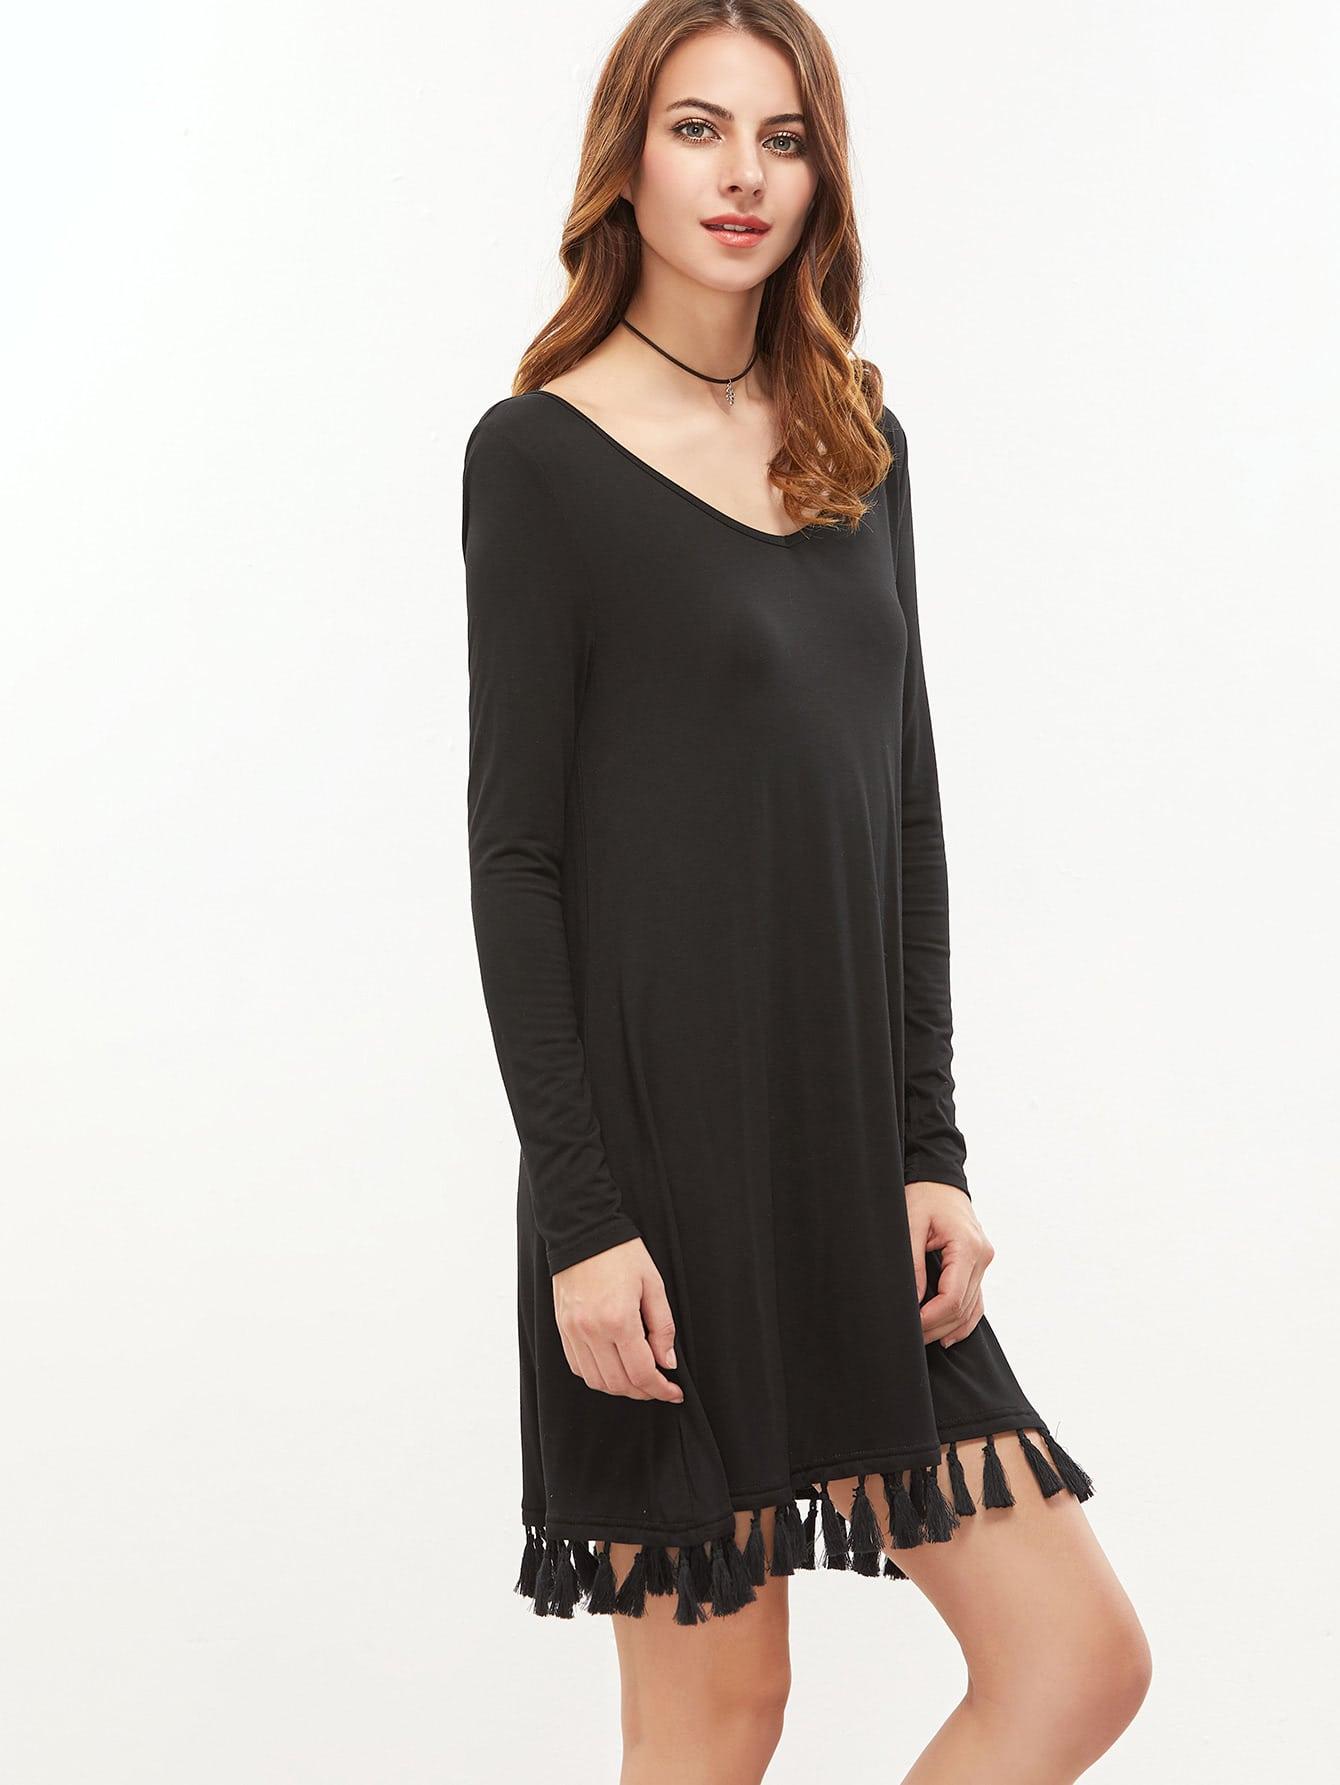 dress161201712_2